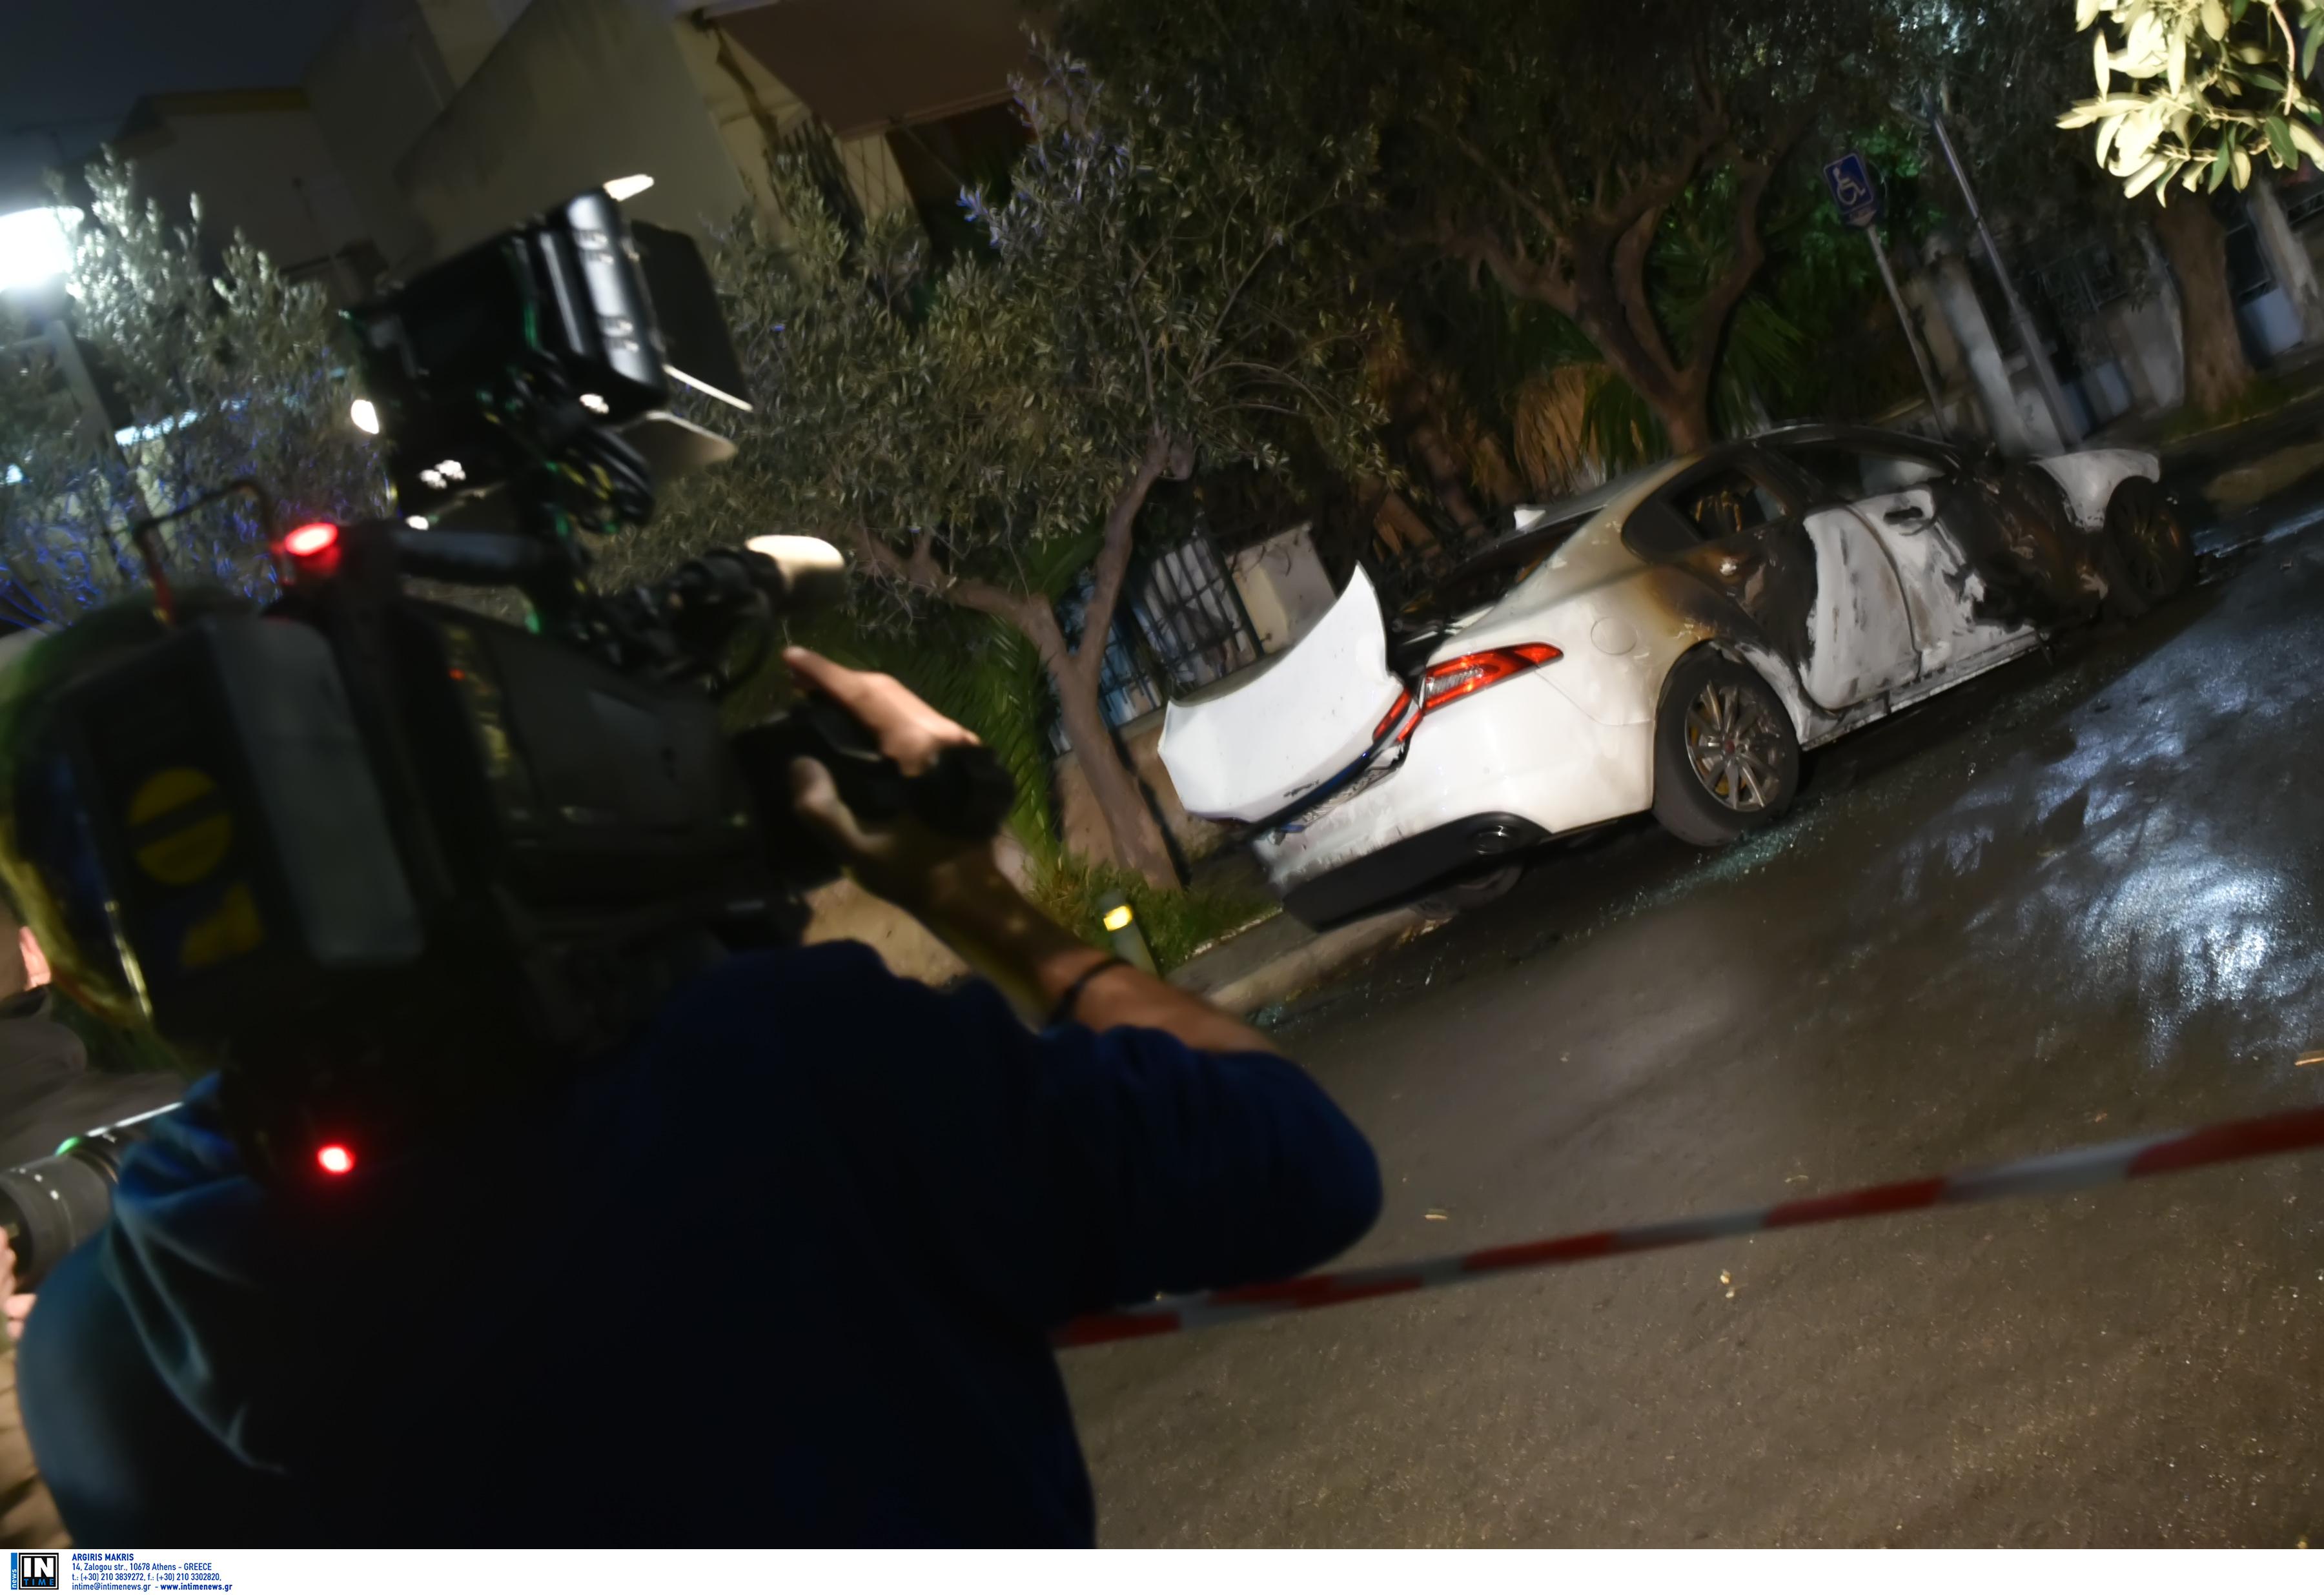 Νίκος Καραμανλής: Κατάθεση και διευκρινήσεις από τον εκδότη για το εμπρησμό του ΙΧ του